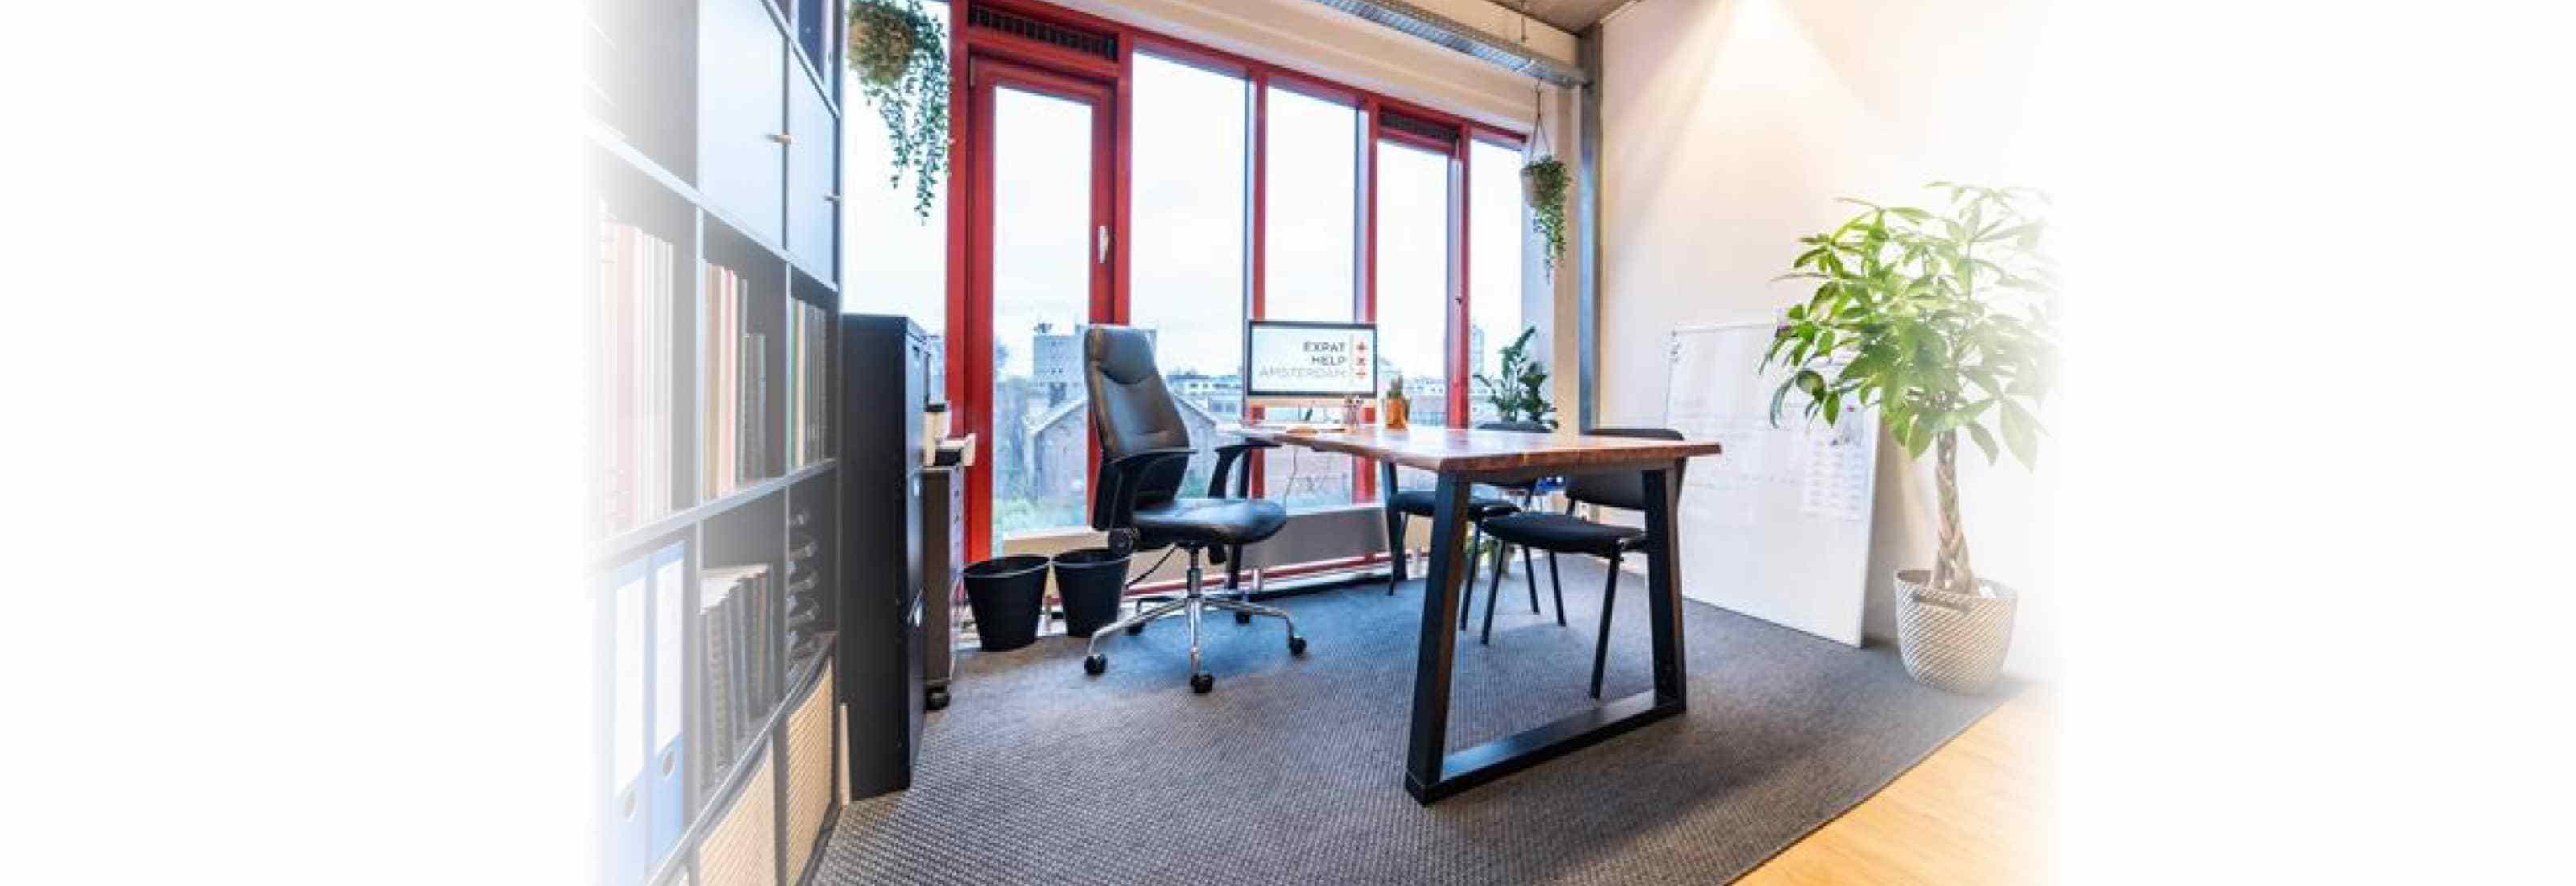 Studio Expat - Administratiekantoor in Amsterdam